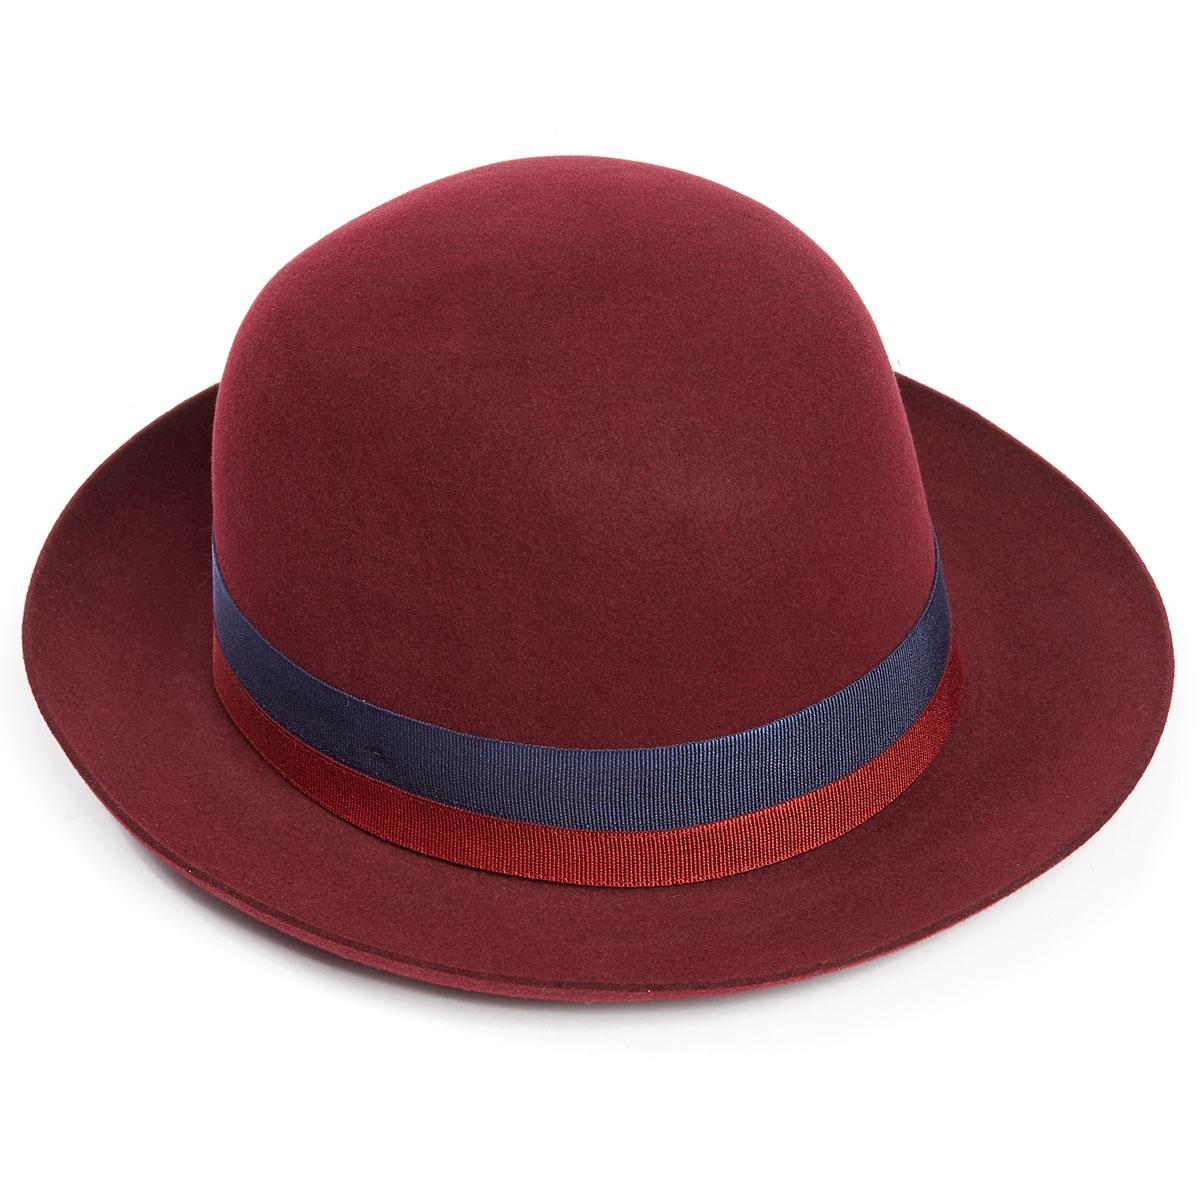 Seasonal Foldaway Fur Felt Trilby Hat in Red Wine - Red Wine in Size 55cm